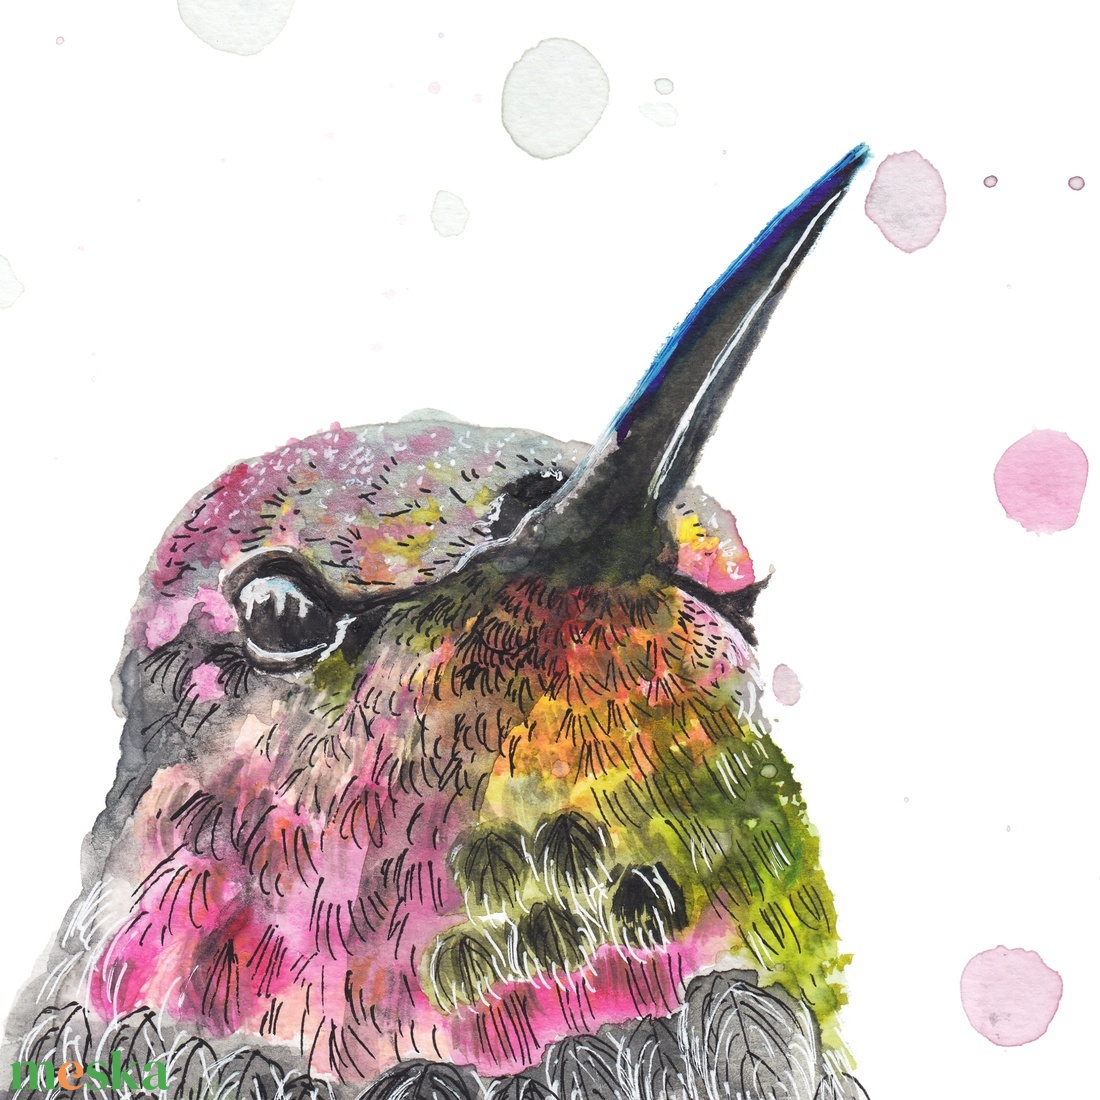 Pöttyös kolibri - akvarell festmény (nyomat) - művészet - művészi nyomat - Meska.hu